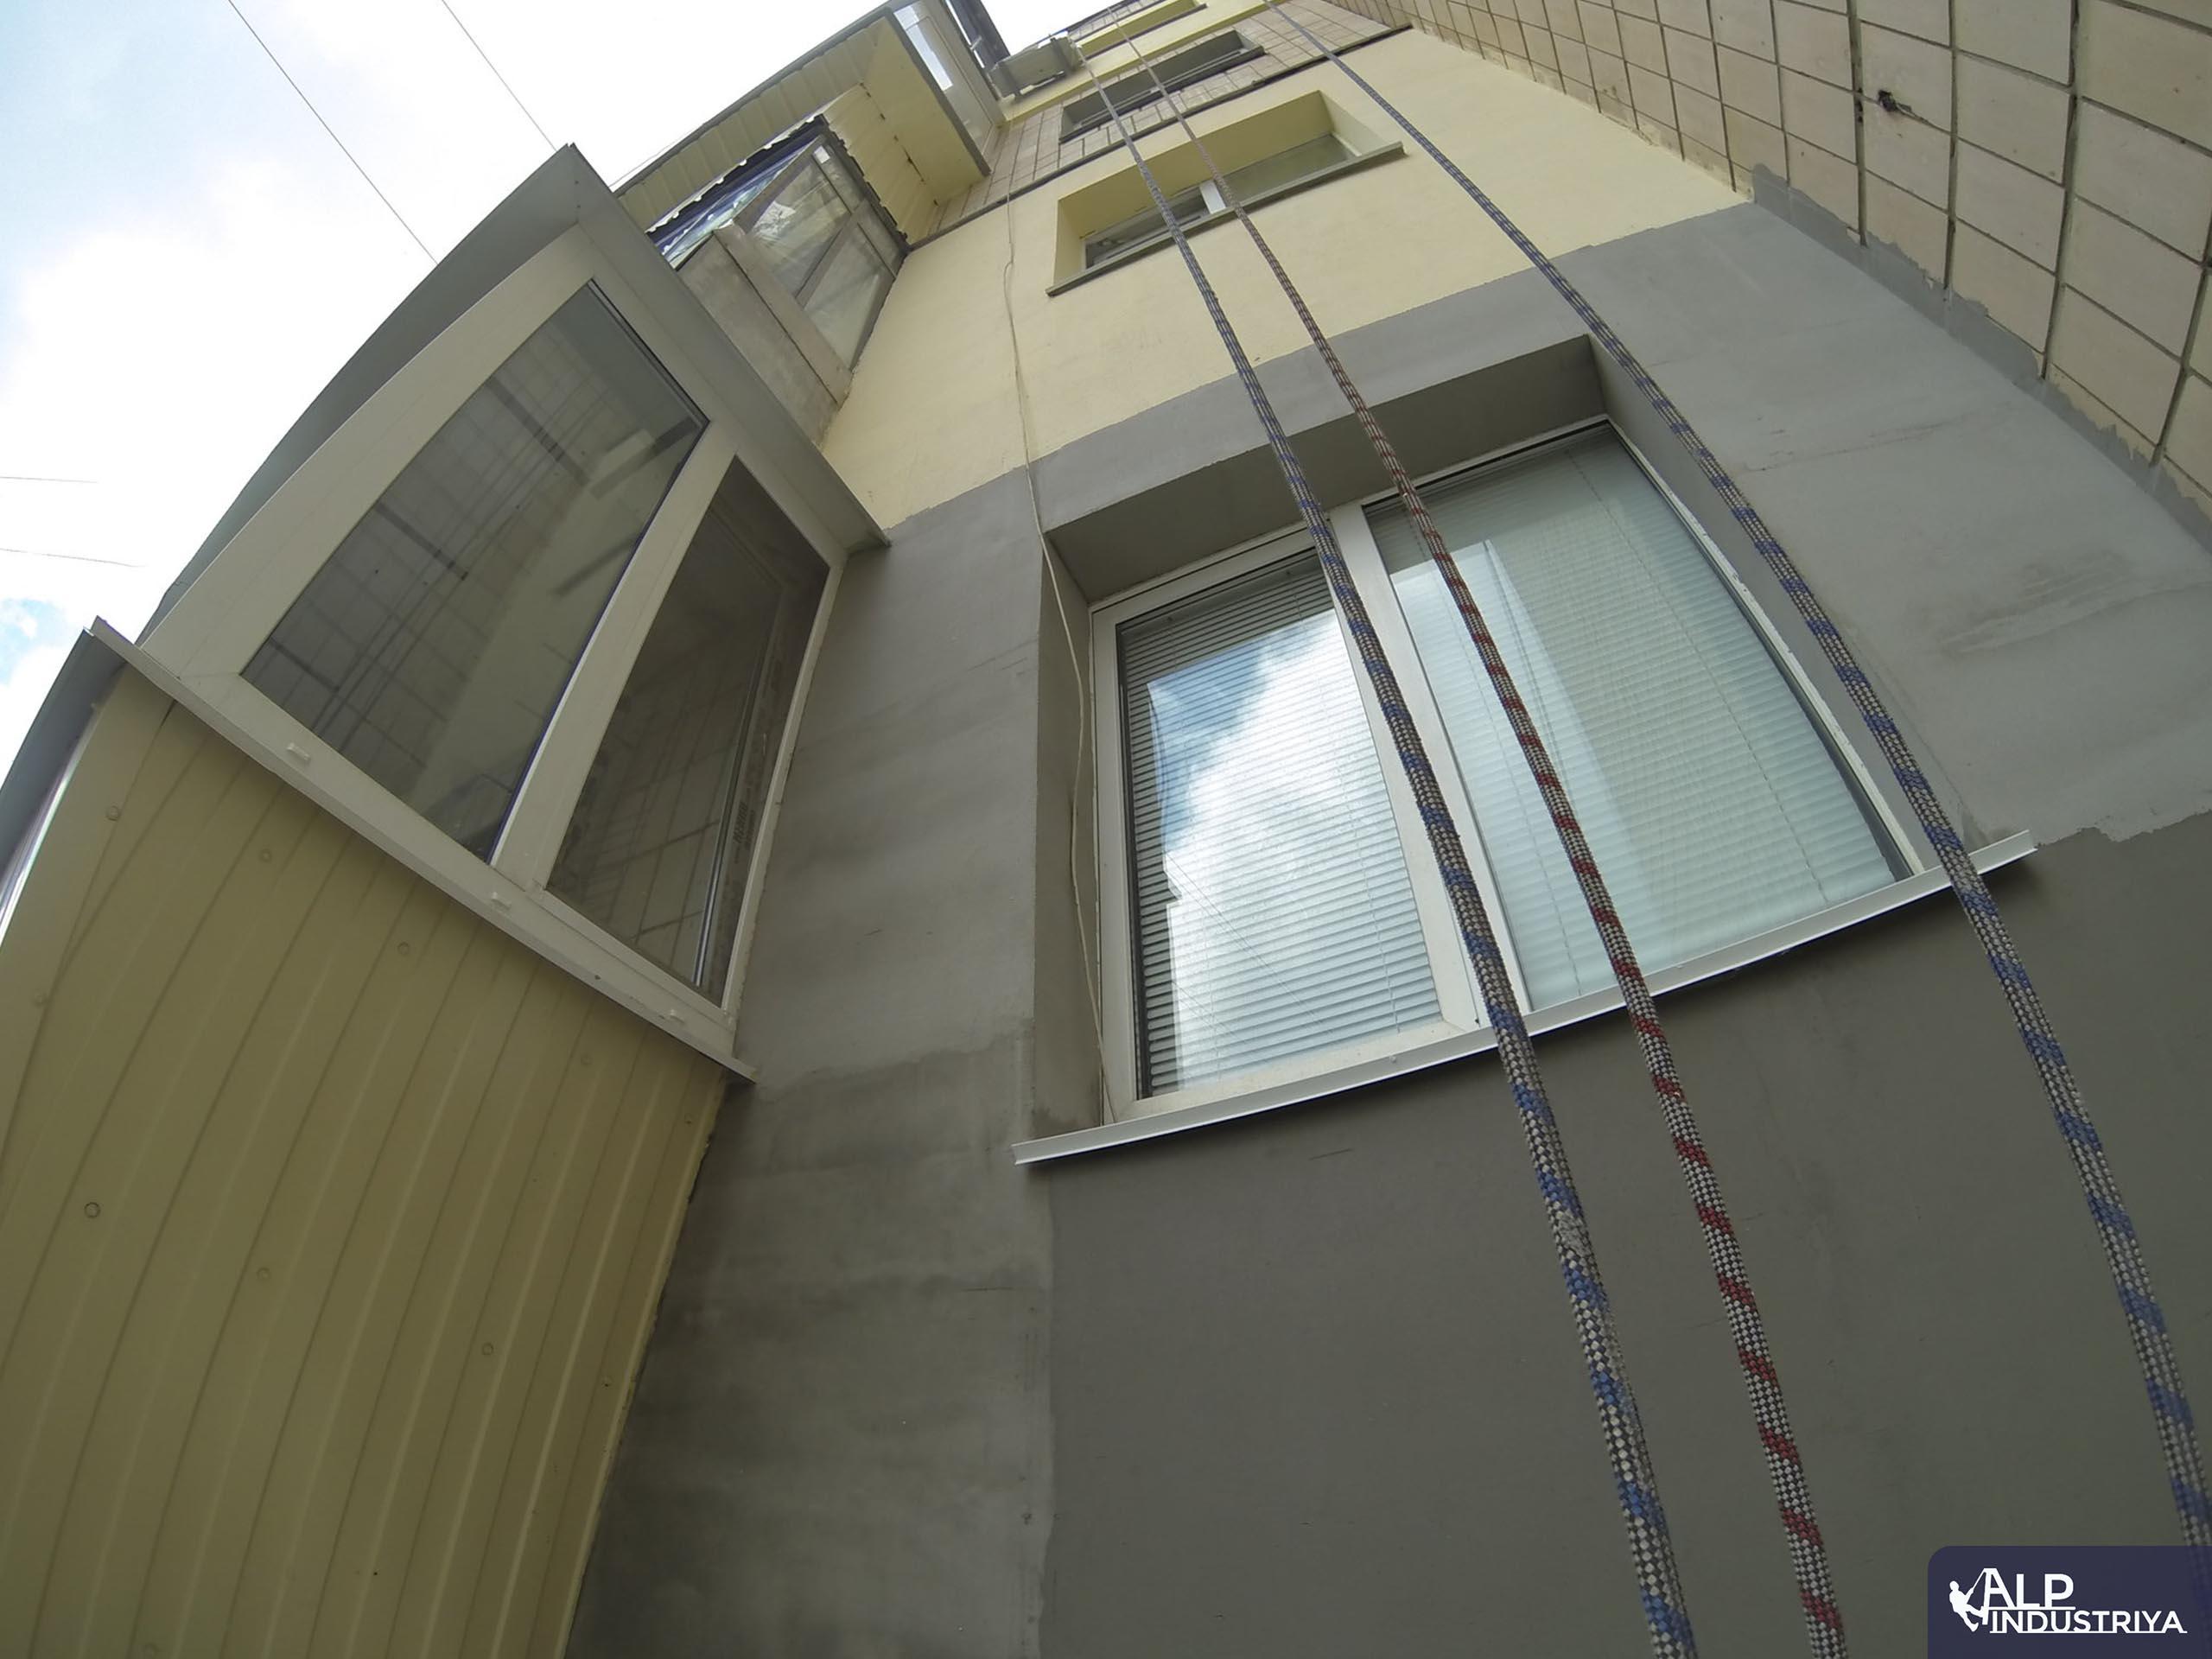 Утепление фасада многоэтажки методом промышленного альпинизма-3